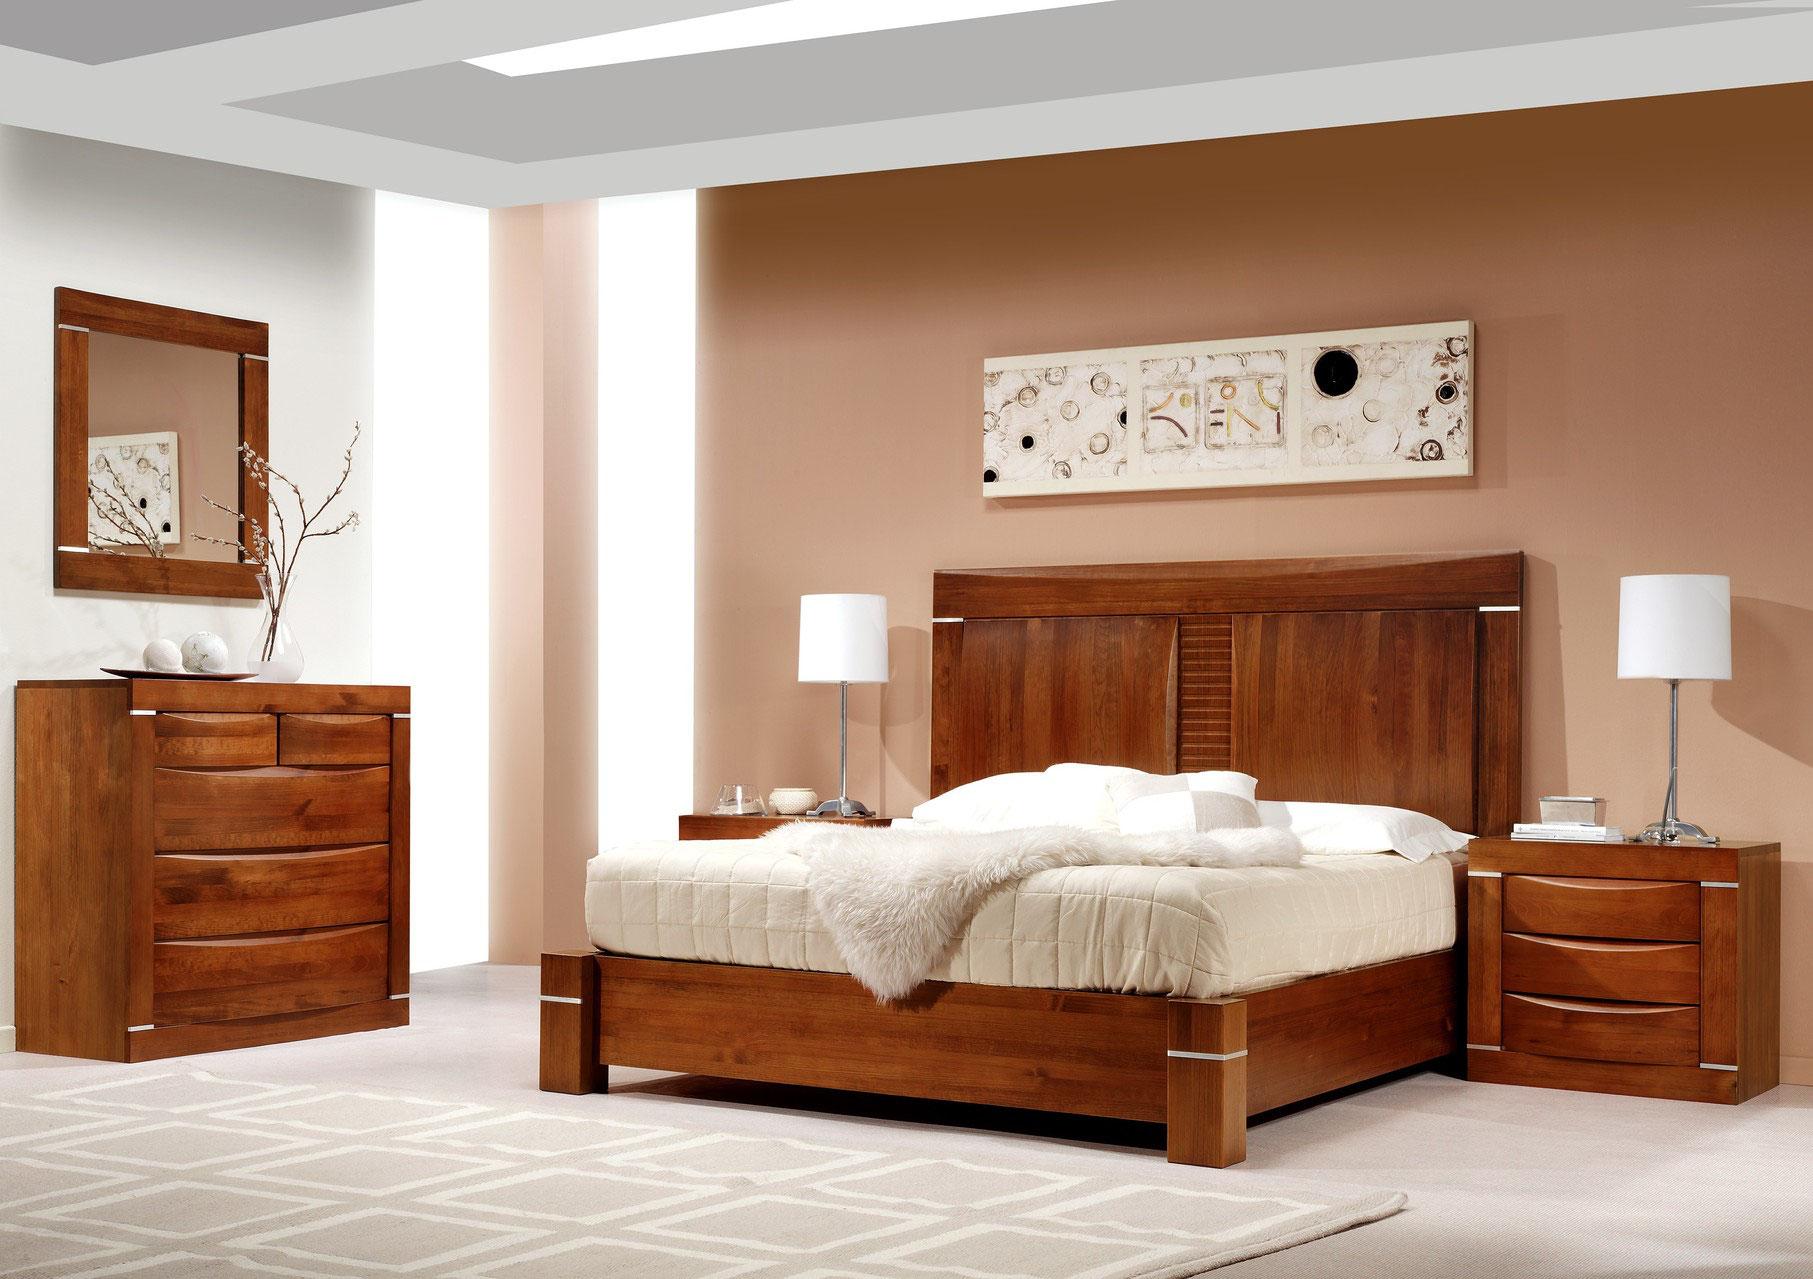 Dormitorios Matrimonio Rustico Moderno : Dormitorios rusticos en guadalajara maderas macizas página web